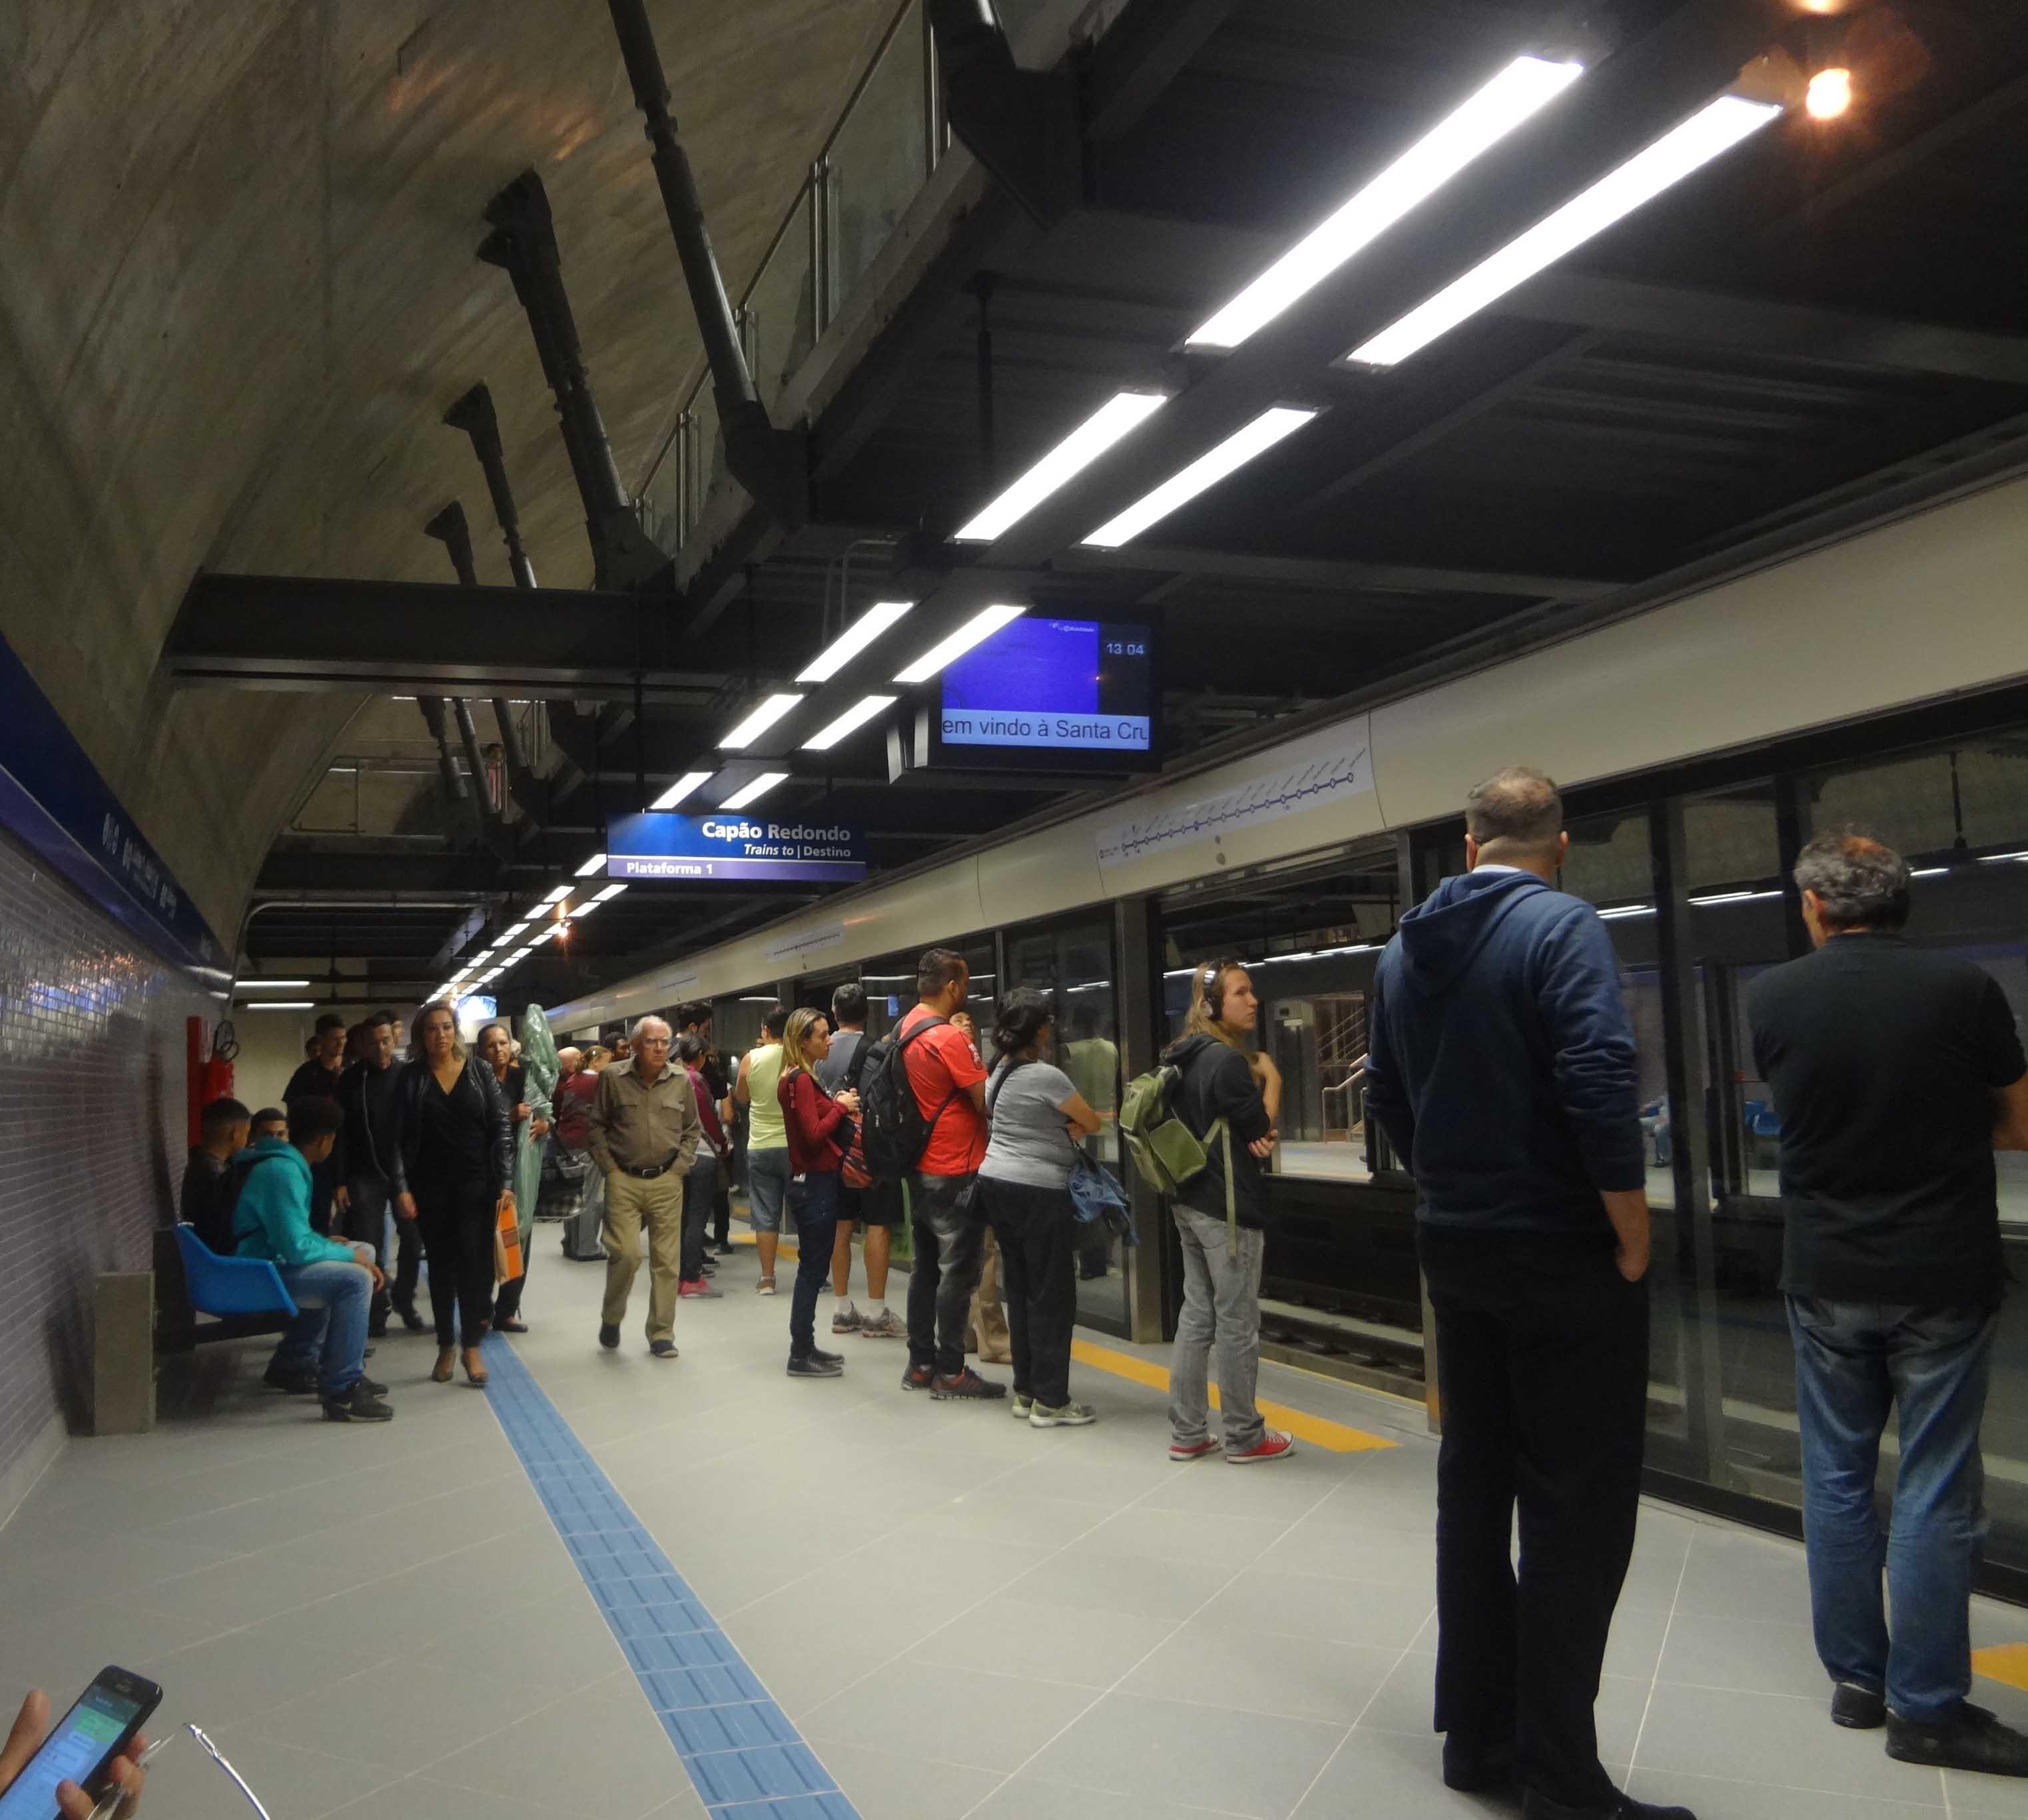 Estação Santa Cruz